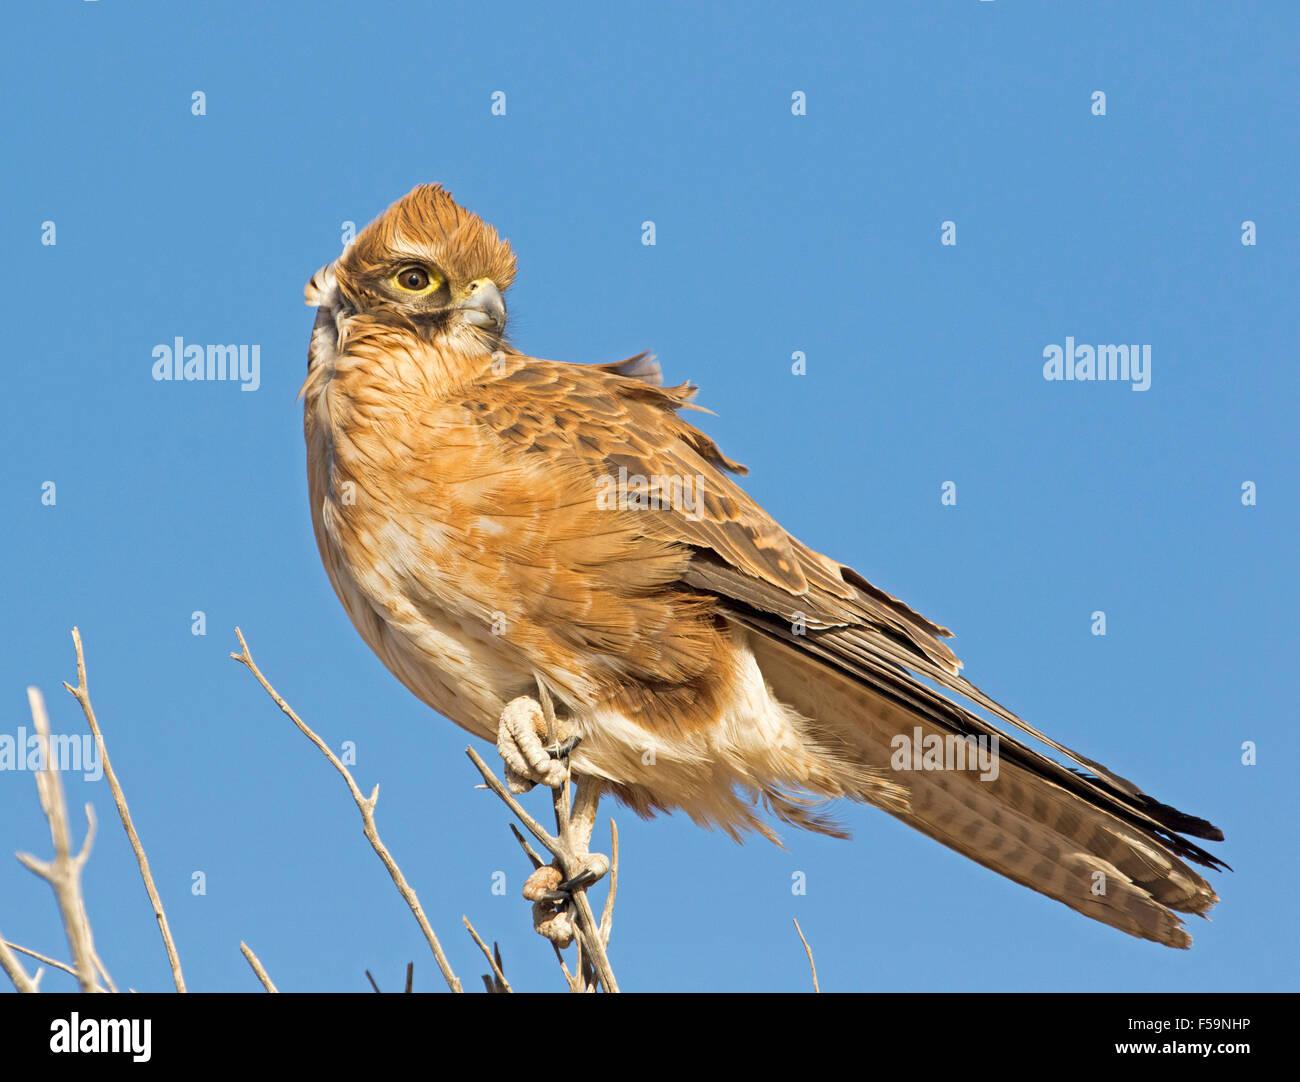 Australische Nankeen Turmfalke, Falco Cenchroides, golden braun Raubvogel auf abgestorbenen Baum gegen blauen Himmel Stockbild